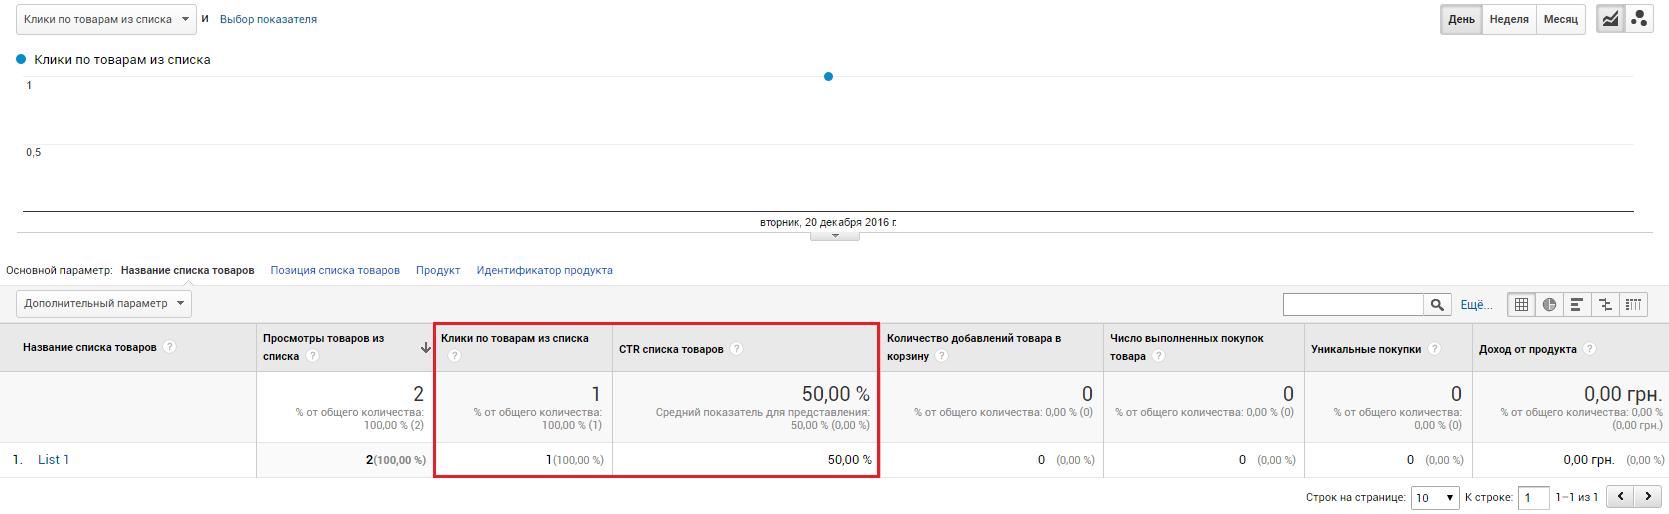 Электронная торговля Google Analytics — данные по кликам по товарам в отчете